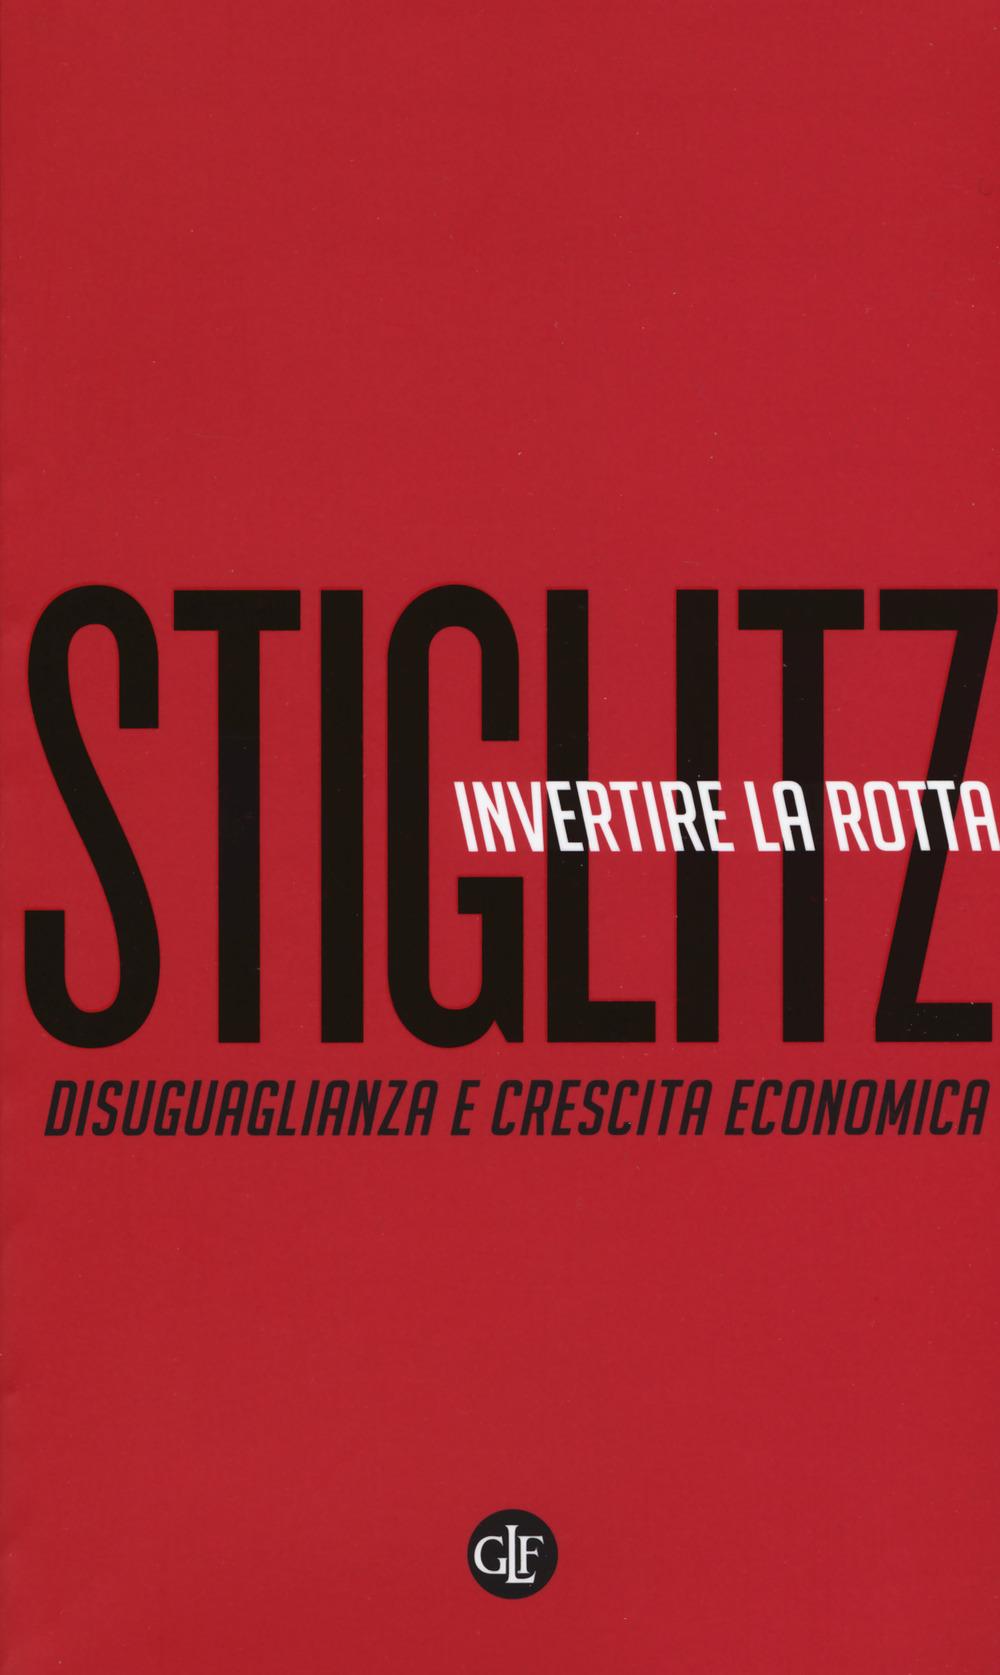 INVERTIRE LA ROTTA. DISUGUAGLIANZA E CRESCITA ECONOMICA - Stiglitz Joseph E. - 9788858130735